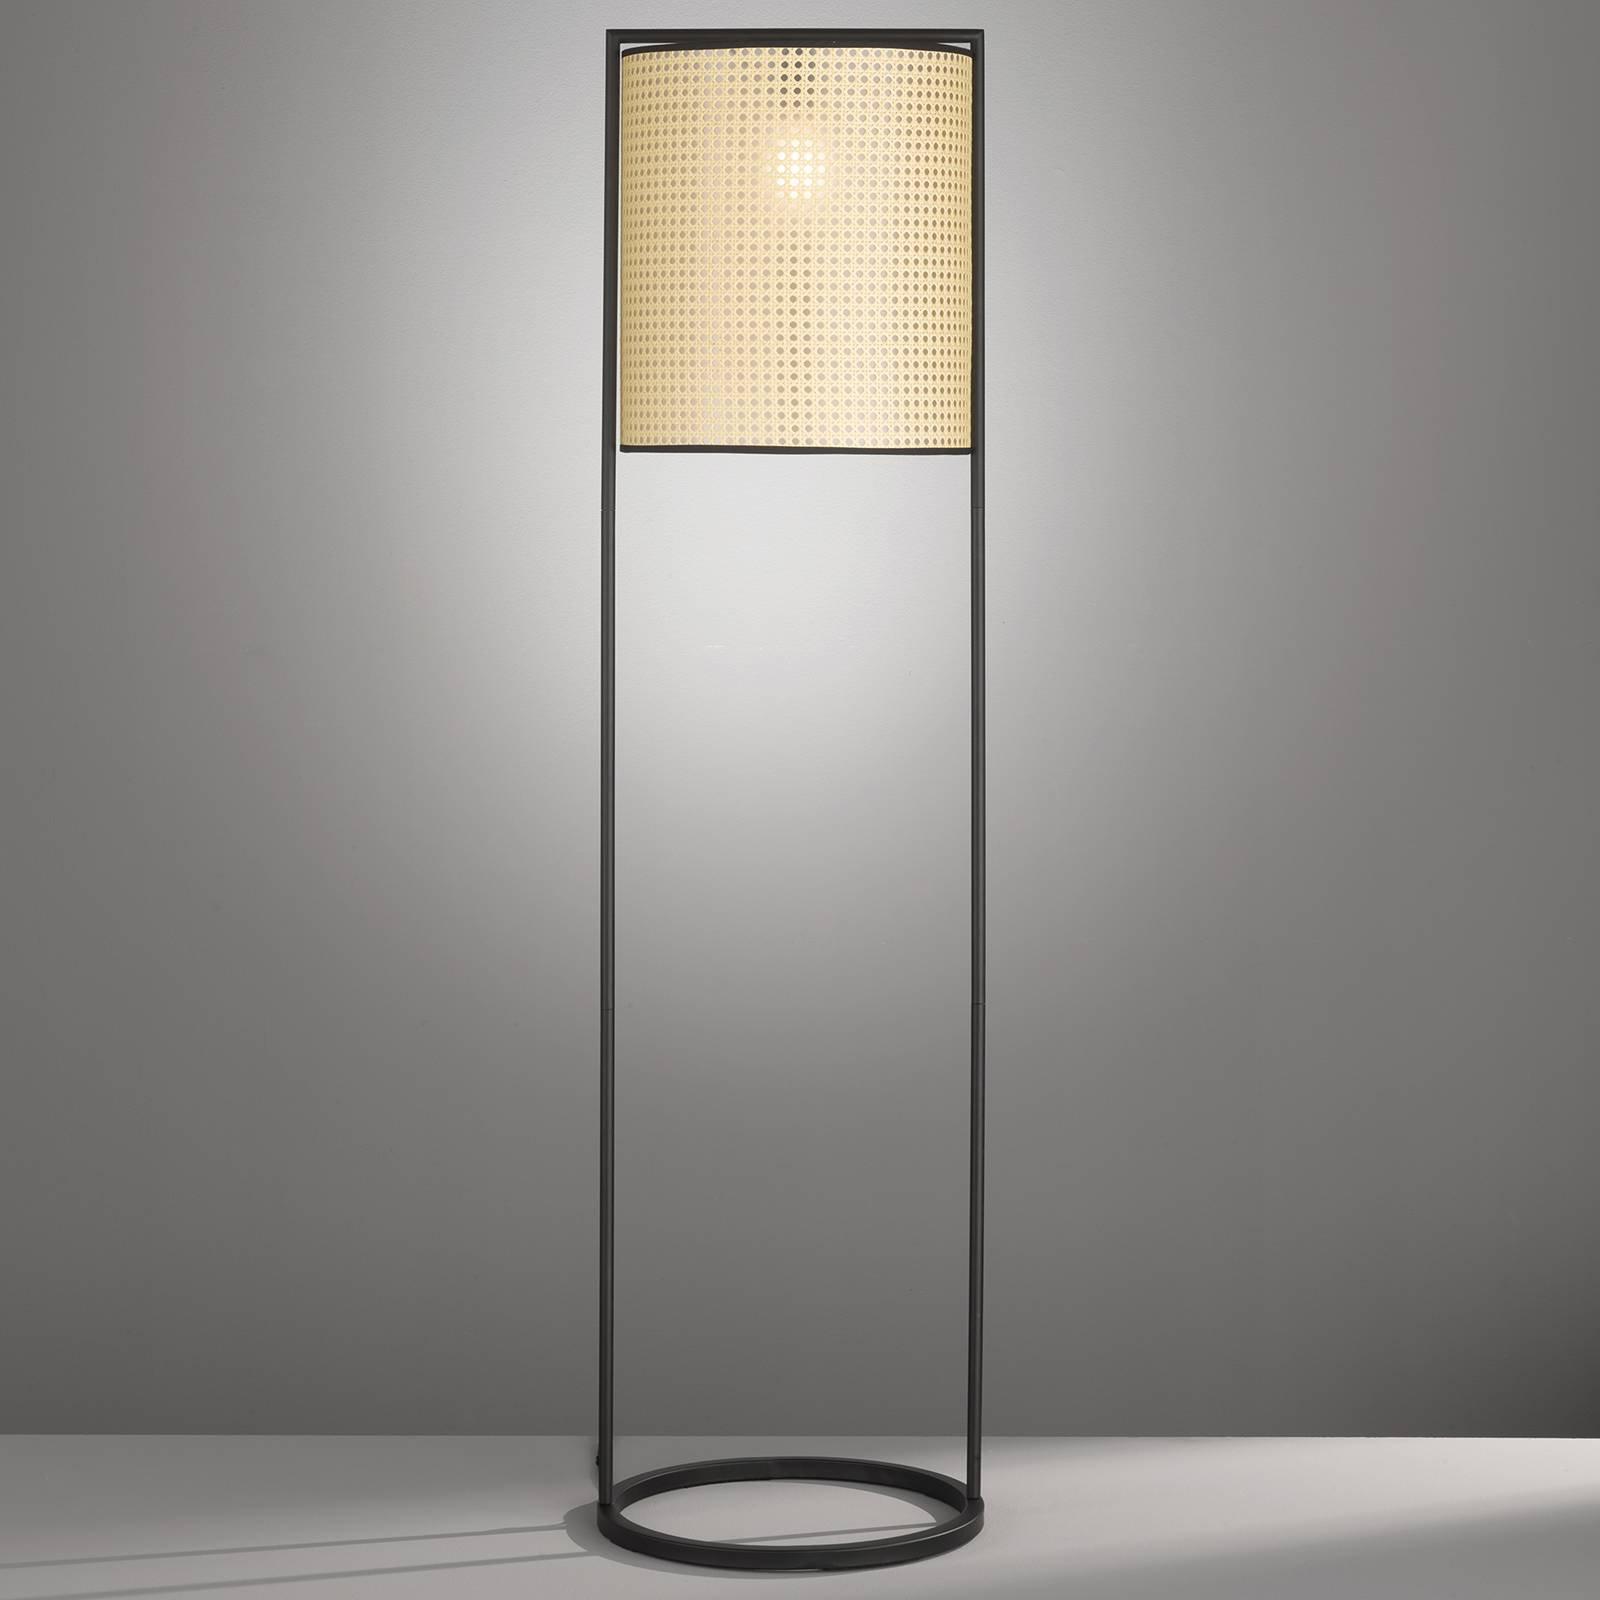 Gulvlampe Tyler med flettet utseende, høyde 150 cm